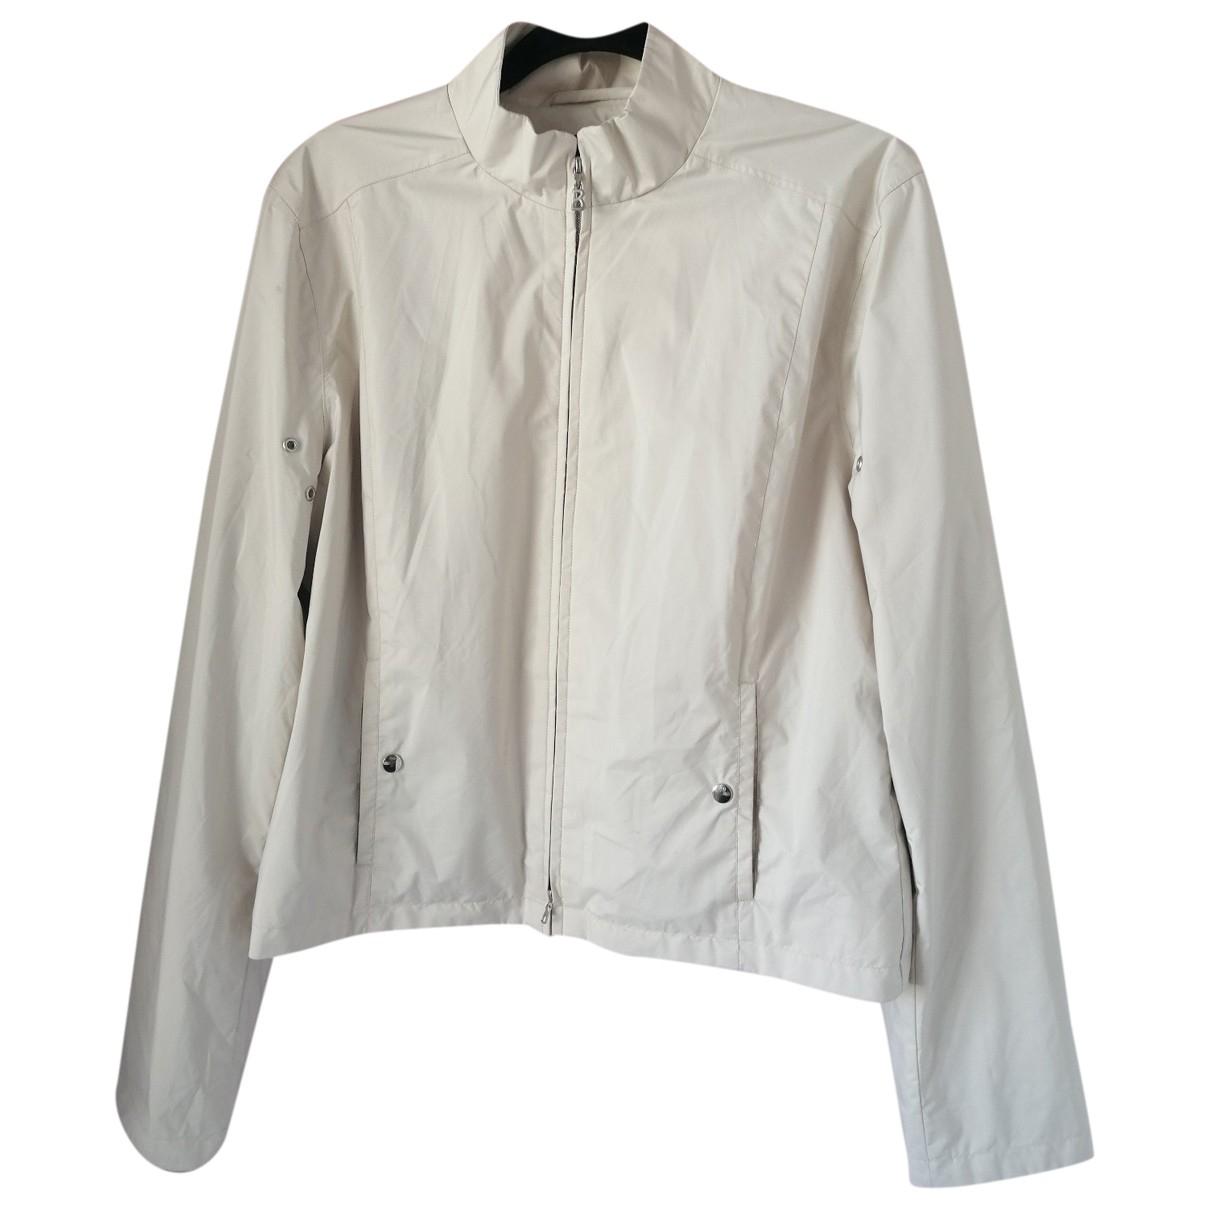 Bogner \N Beige jacket for Women 40 FR